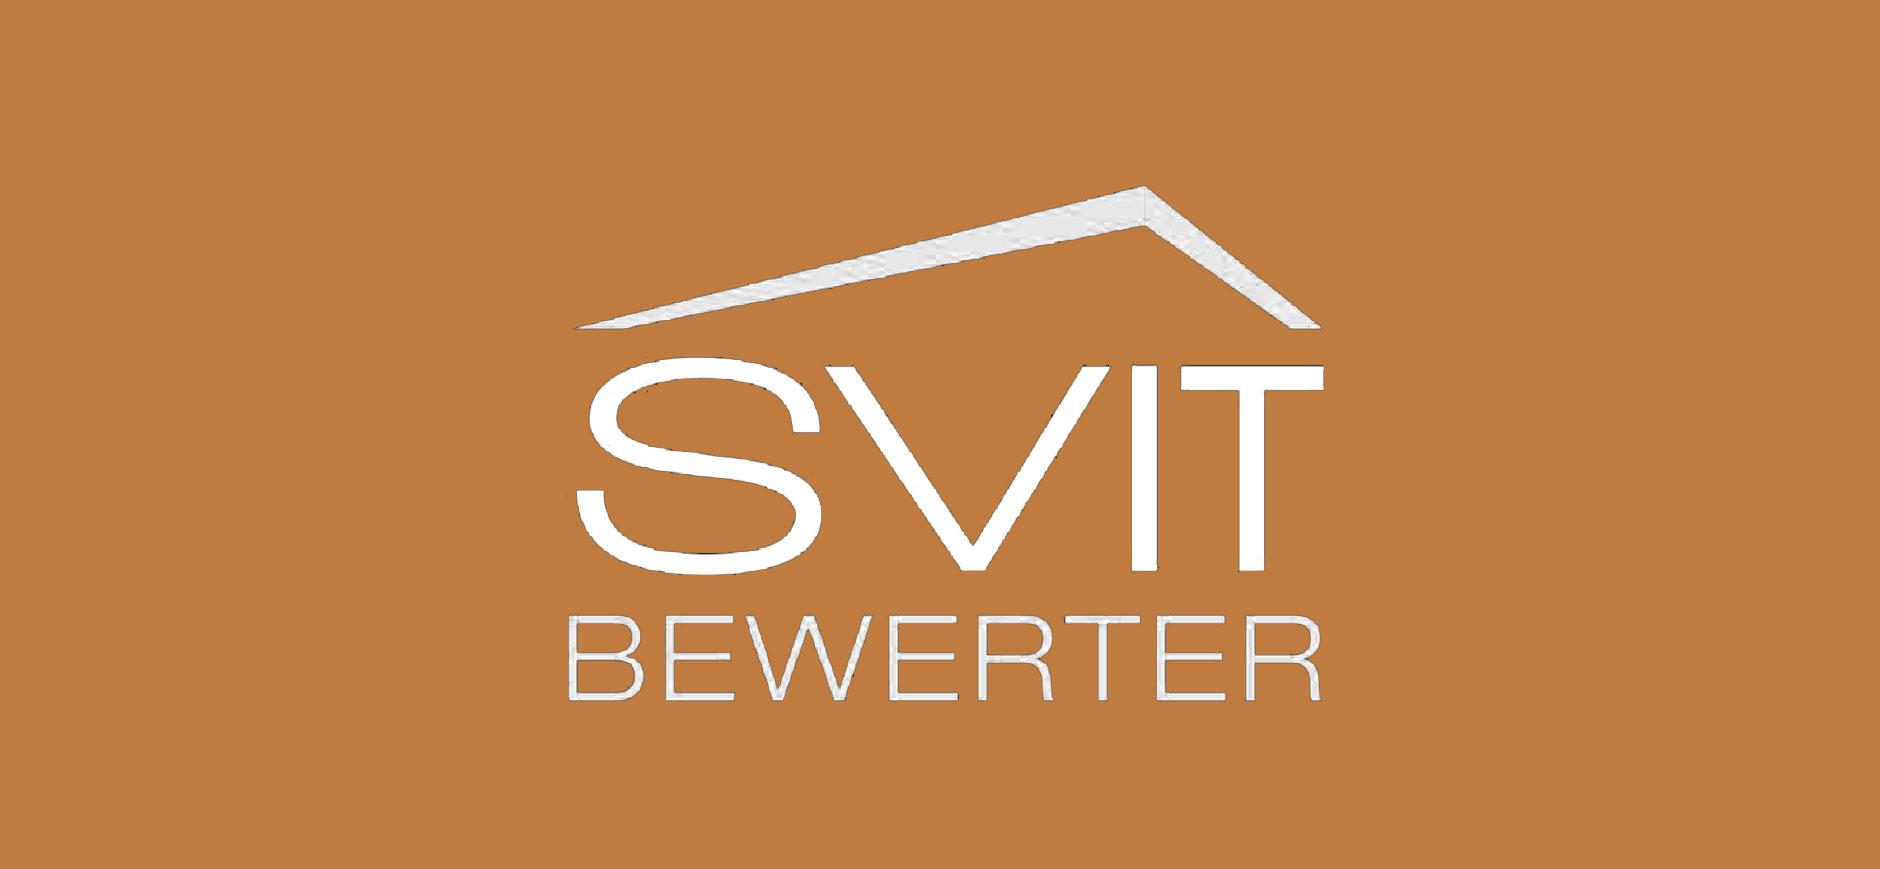 beat-ochsner-immobilienbewertung-zertifikat-swit.jpg